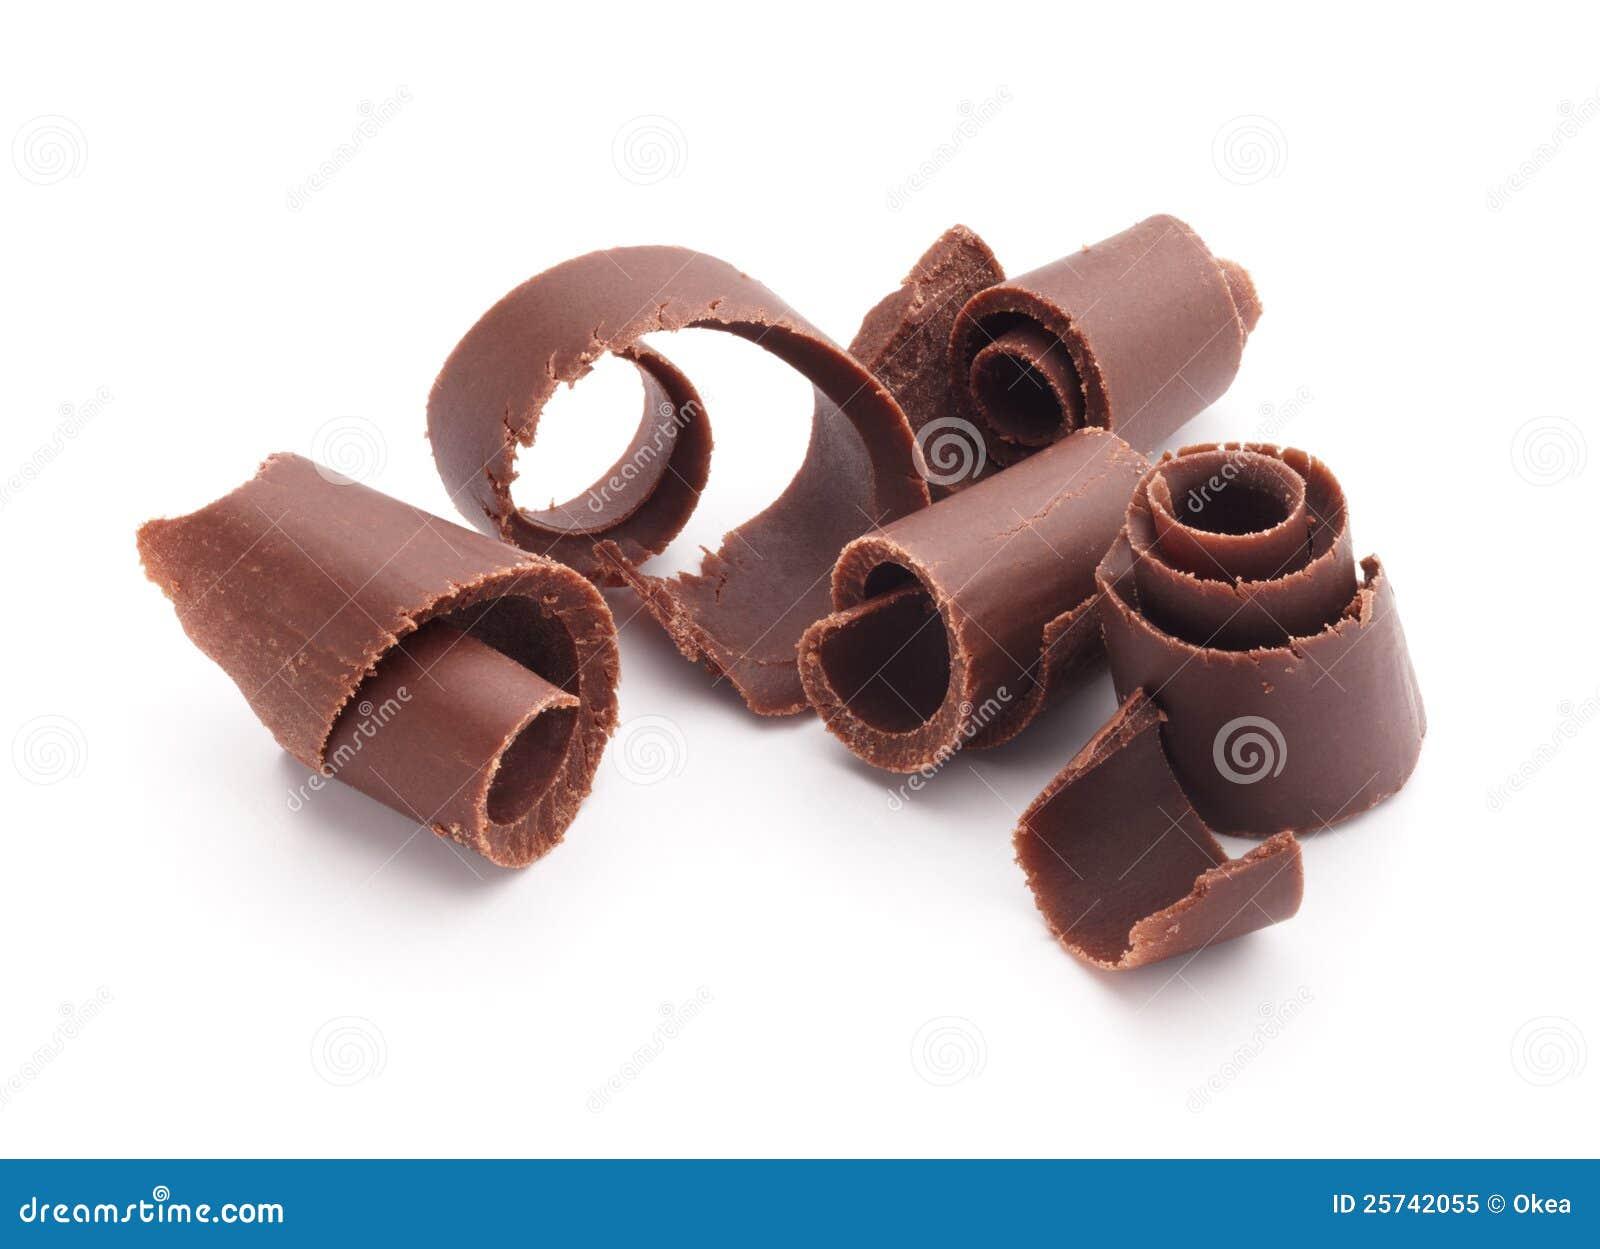 De krullen van de chocolade